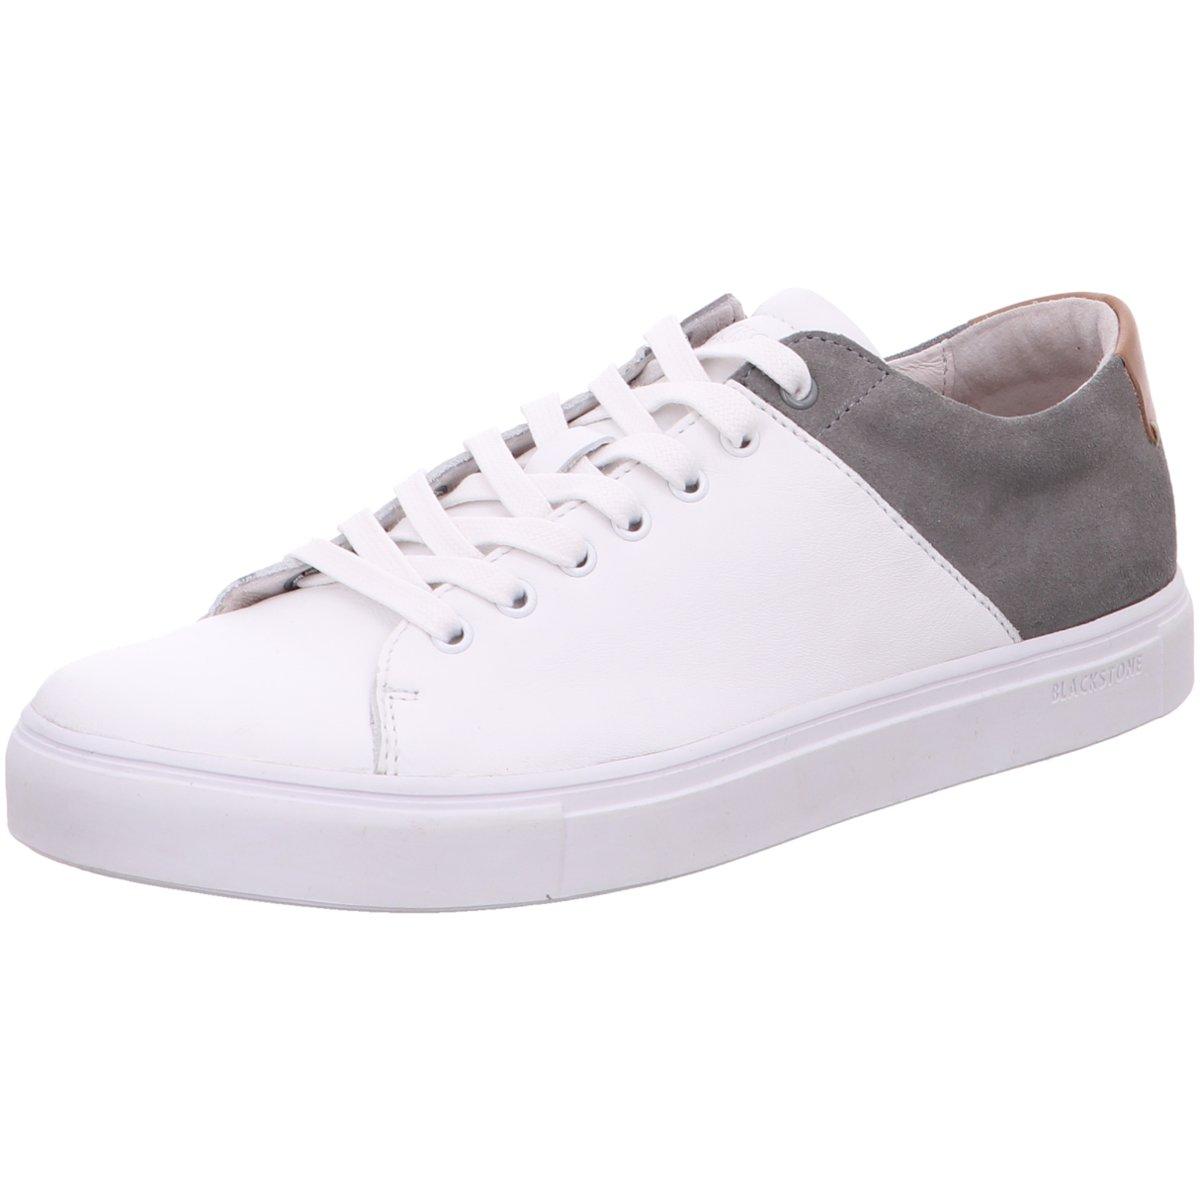 NEU Blackstone Herren Sneaker NN03 weiß 286351